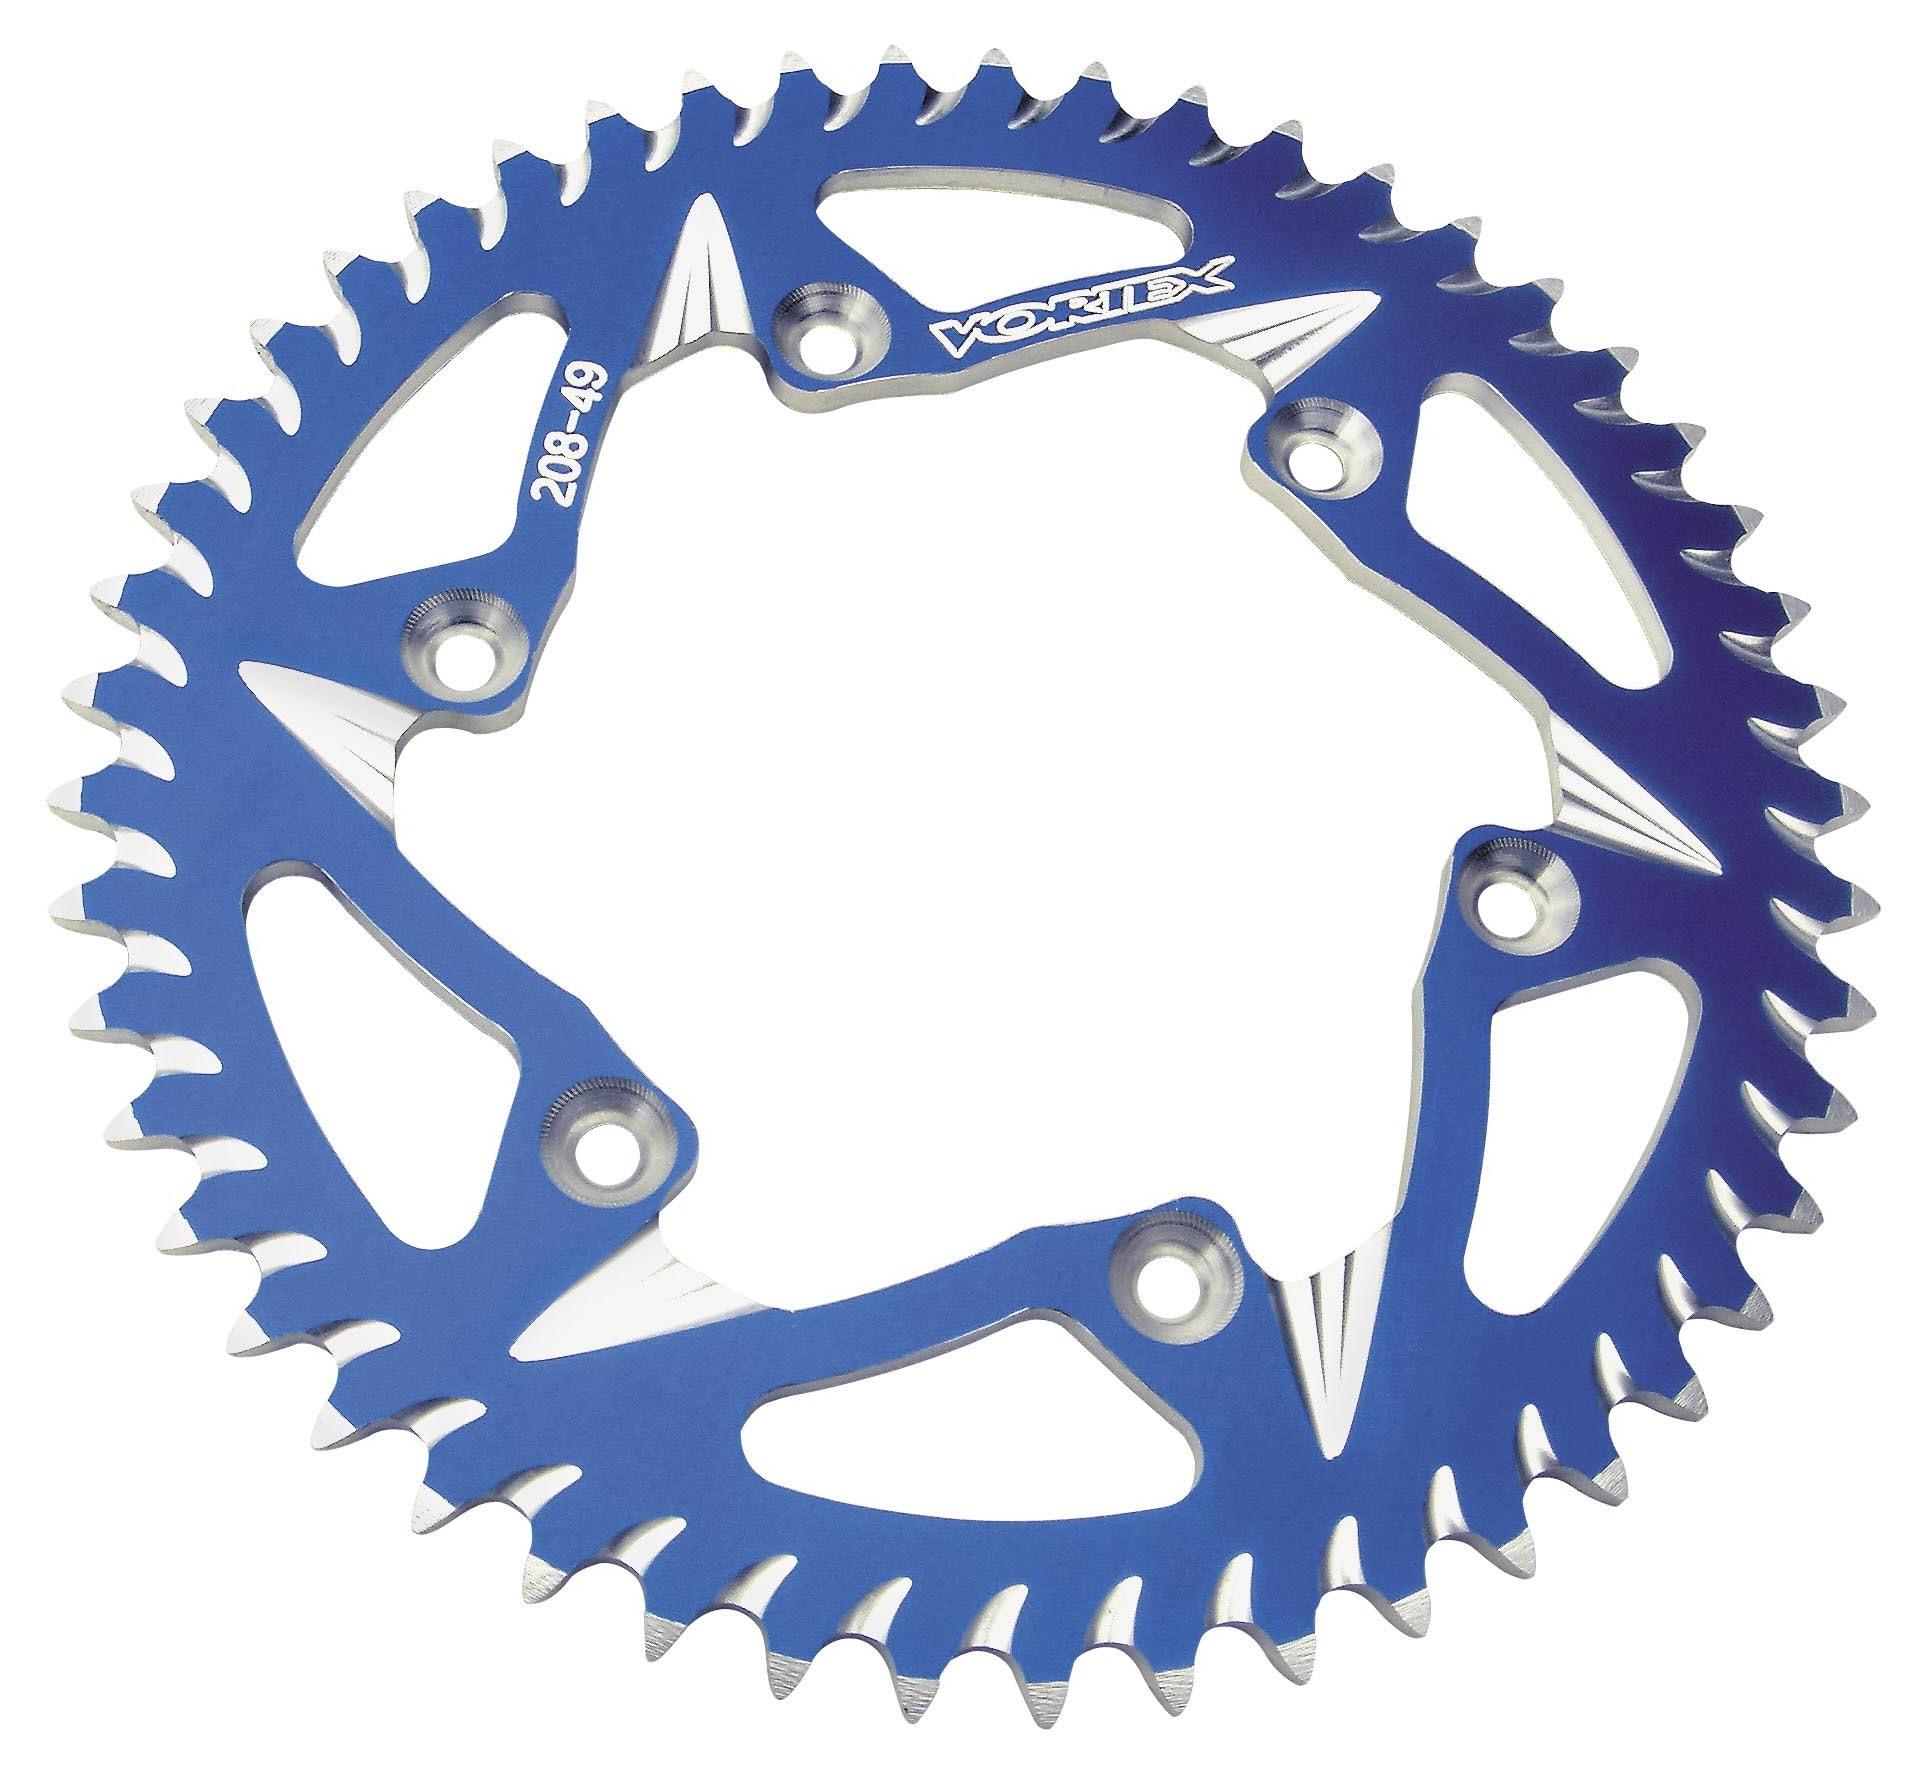 Vortex 775ZR-44 Red 44-Tooth Rear Sprocket